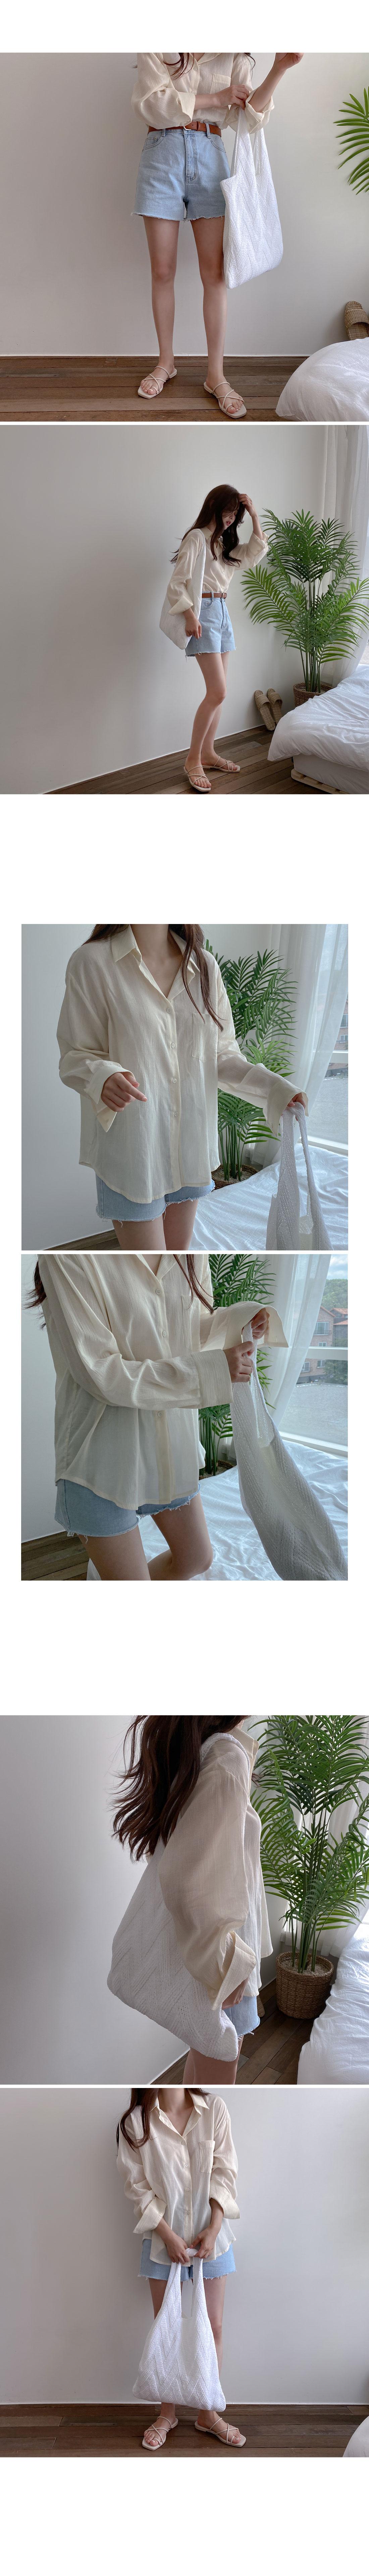 Slow Tan Tan Knit Bag